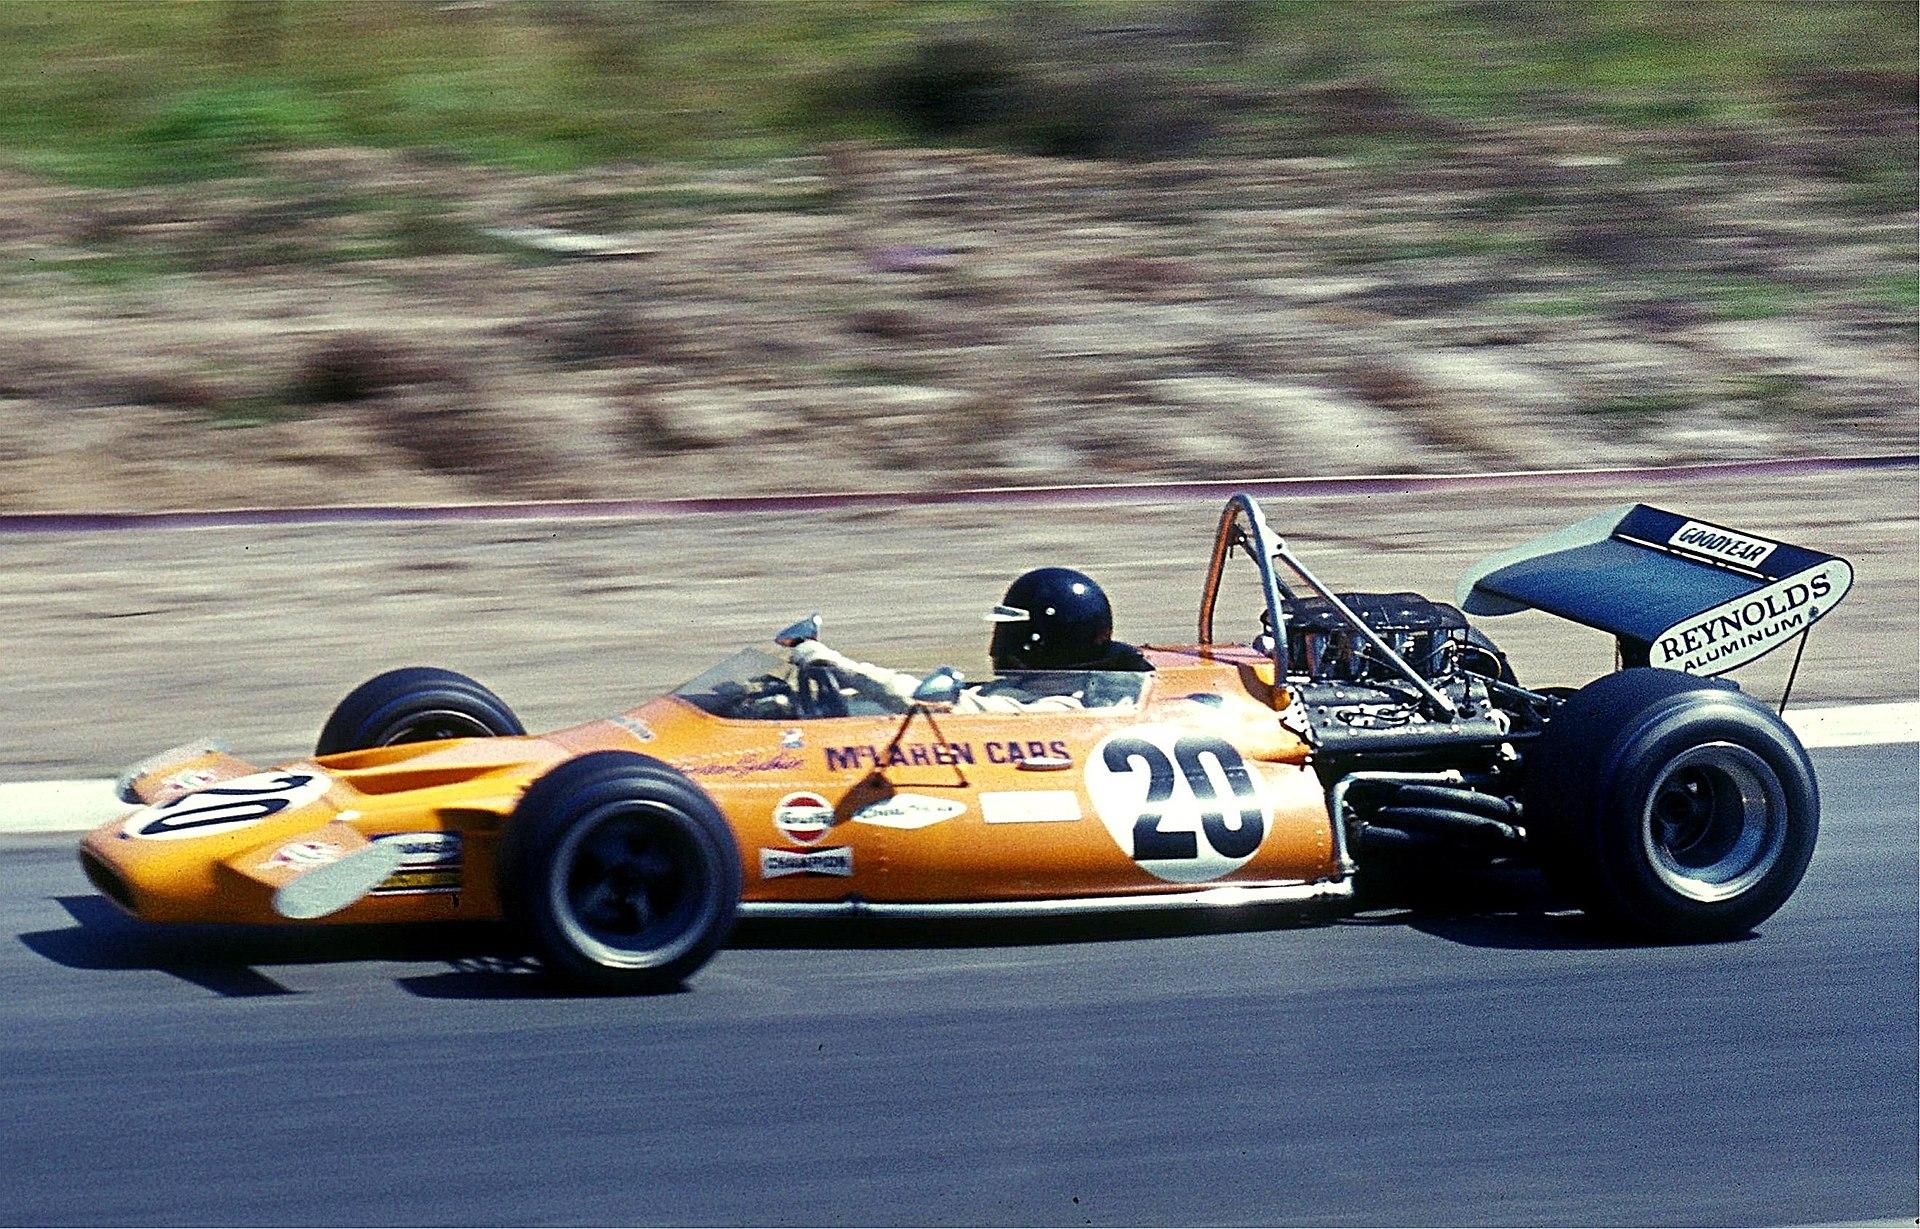 1920px-1971_Peter_Gethin%2C_McLaren.jpg